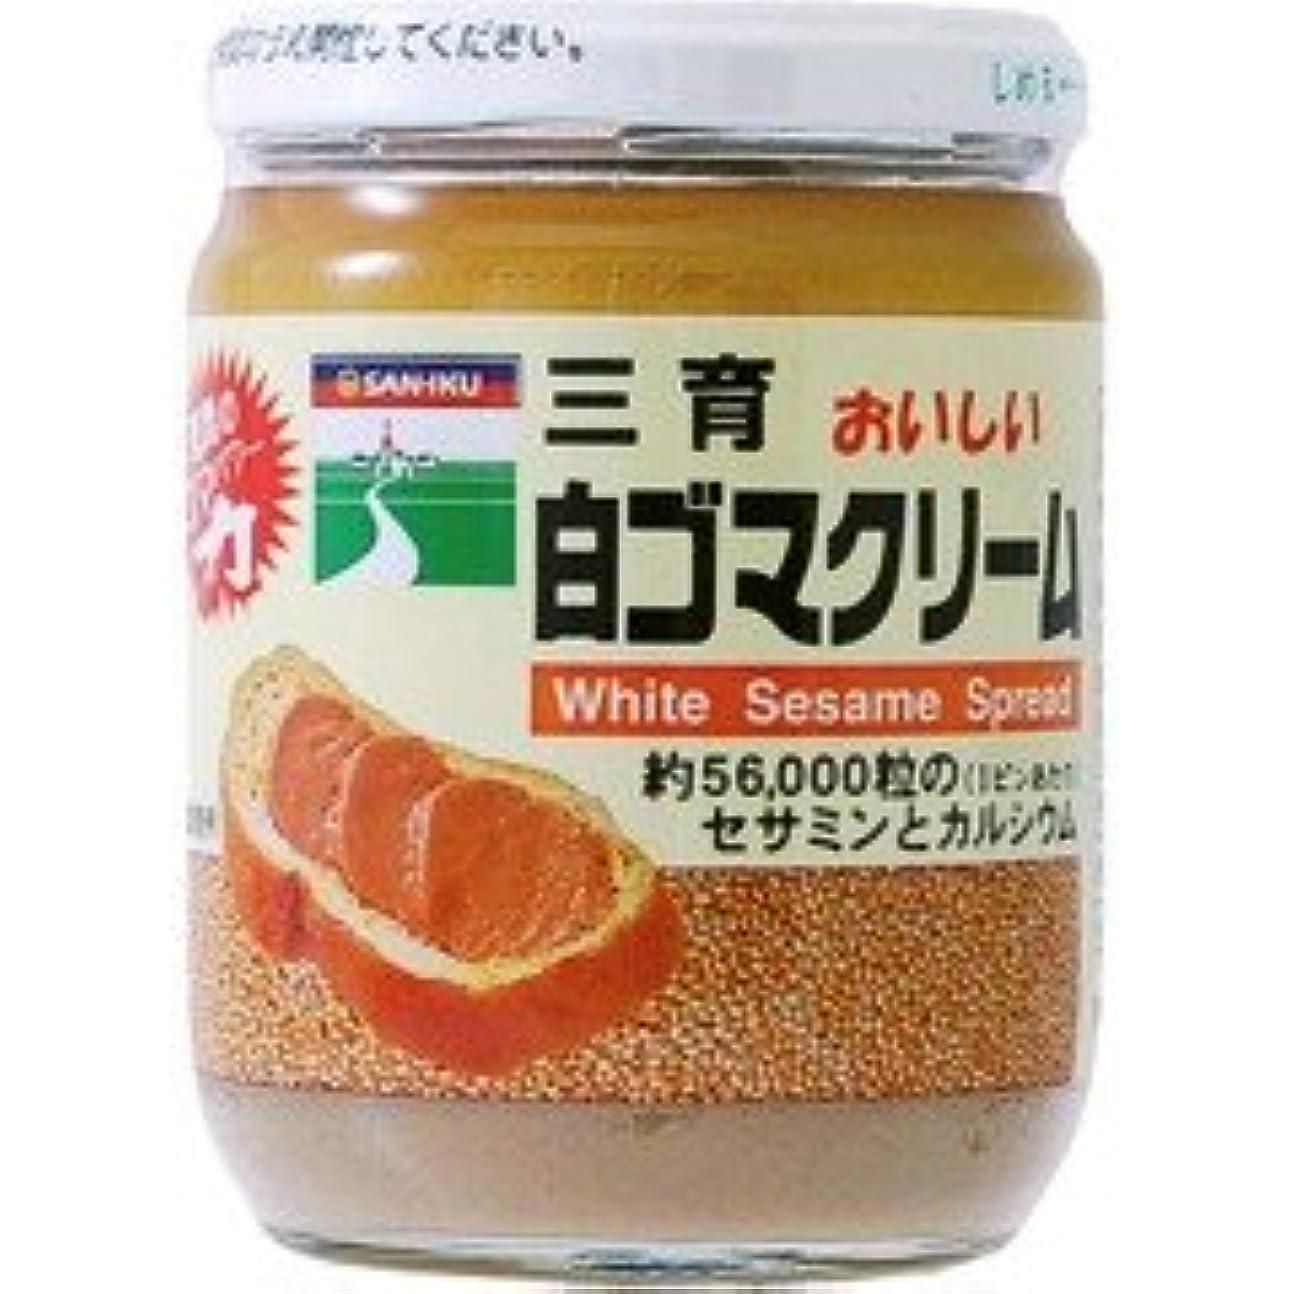 記念クレジット観客〔ムソー/三育〕白ゴマクリーム190g 6セット